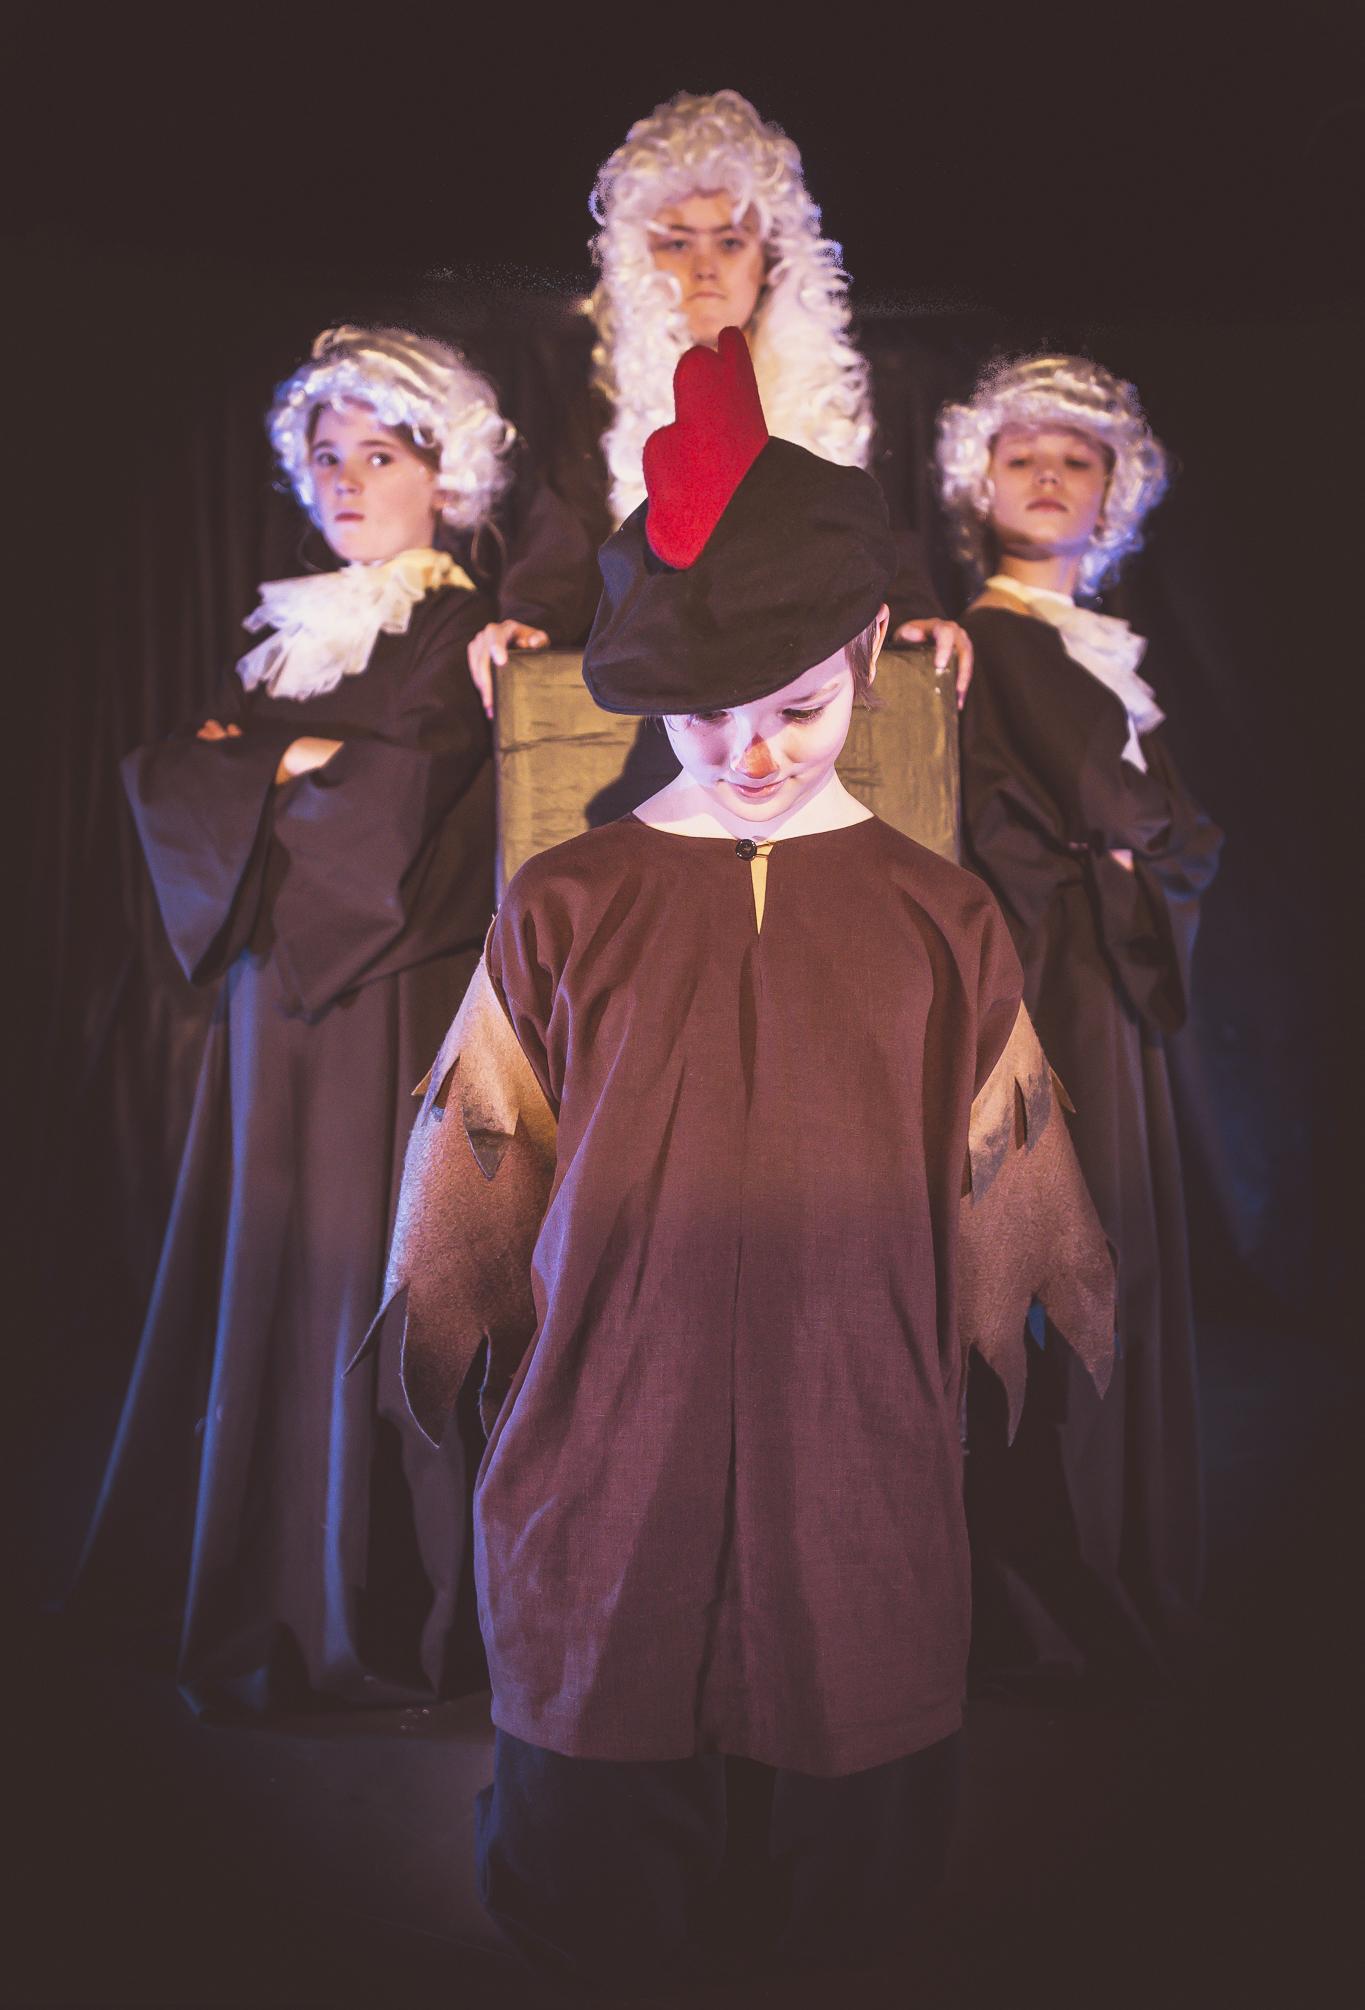 Takana vas. Puolustusasianajaja (Alisa Vahala), Tuomari (Ronja Raittio), syyttäjä (Ella Lehtinen), edessä: Kukko (Gabriel Lillberg)